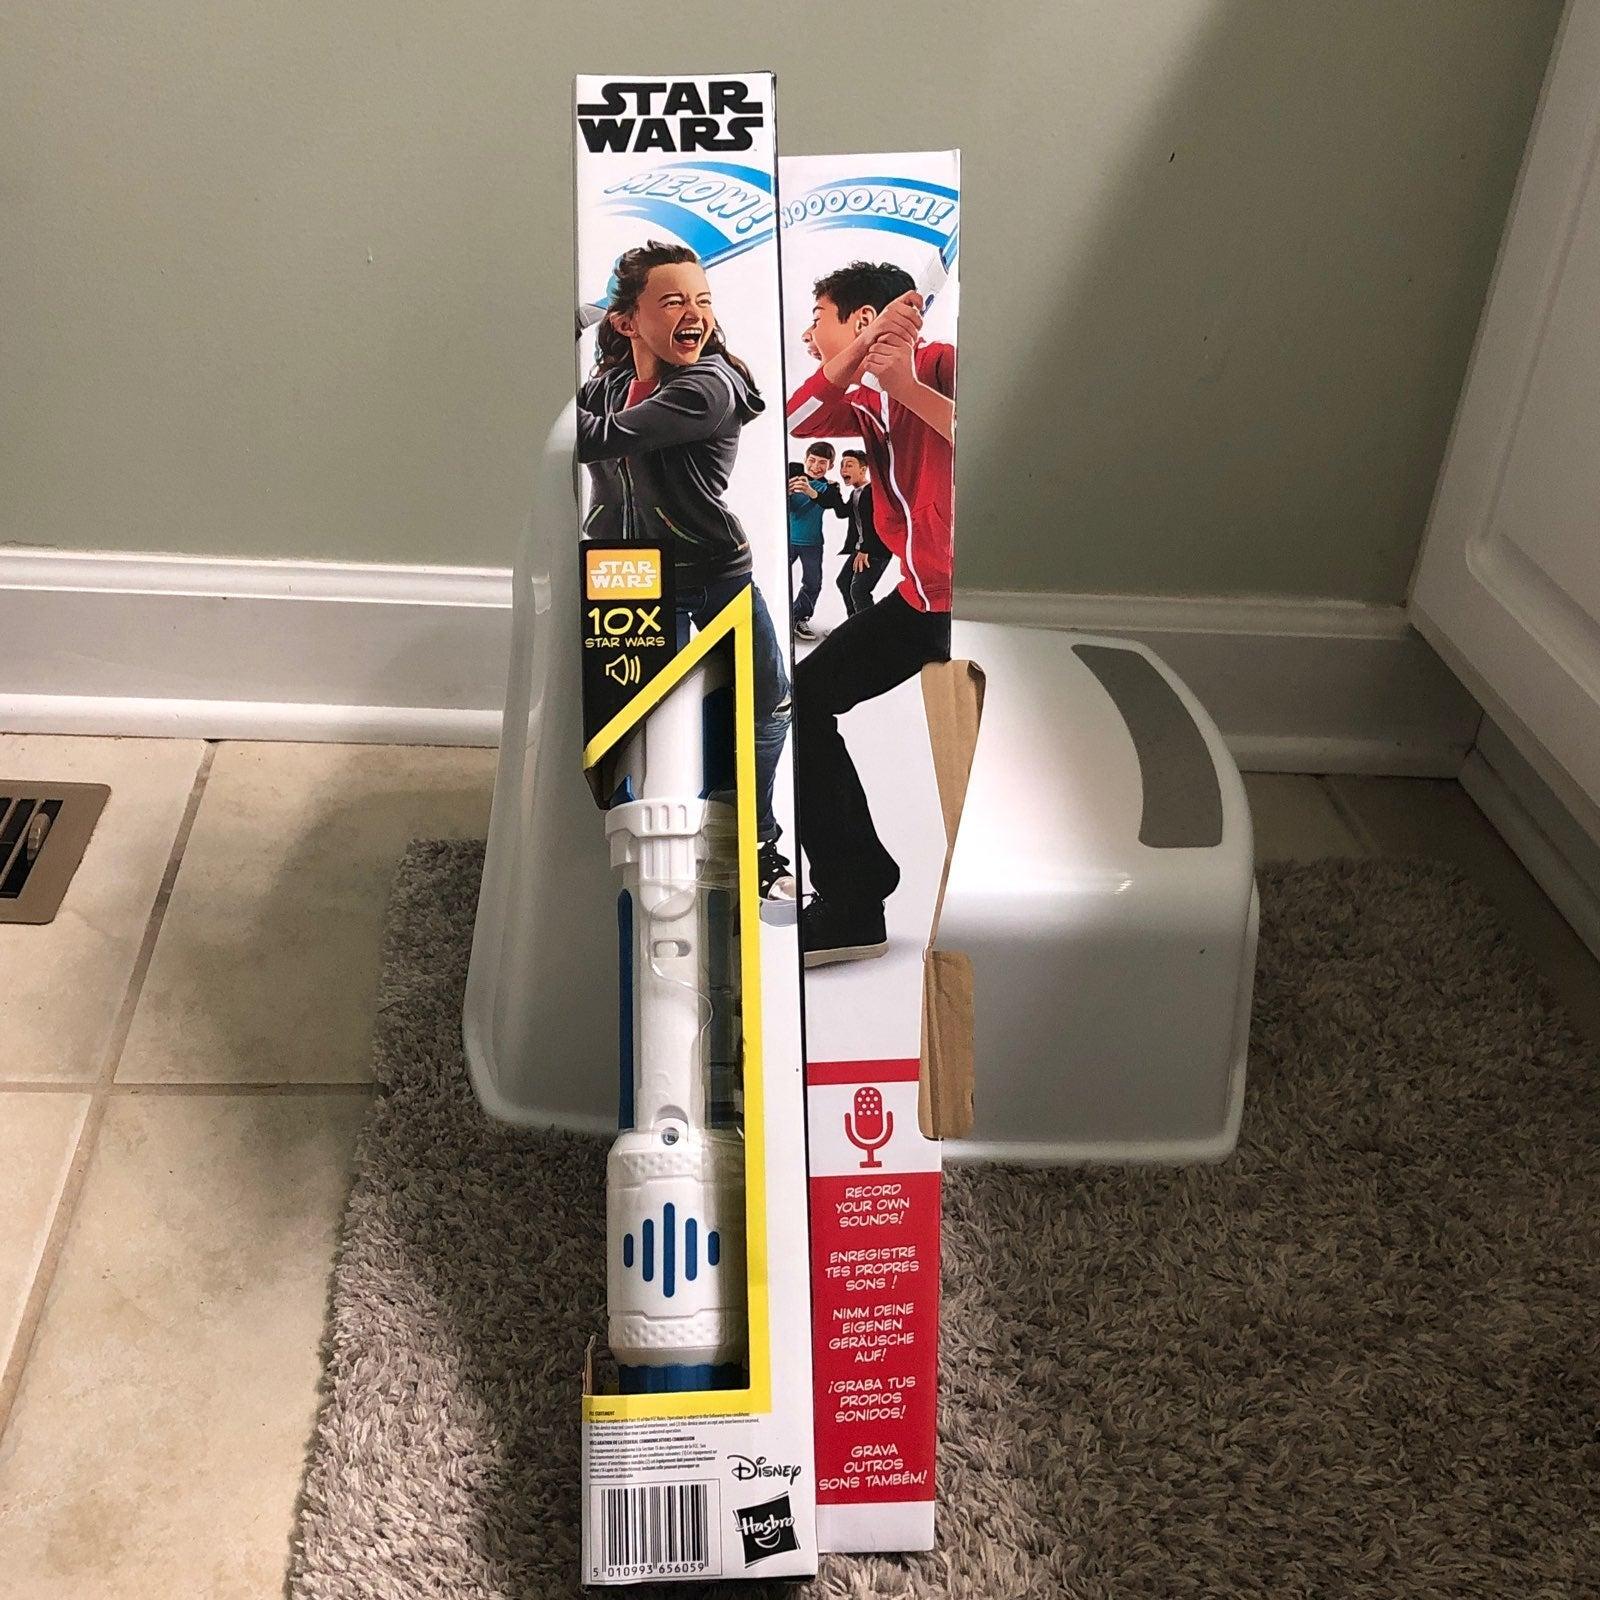 Star wars scream saber